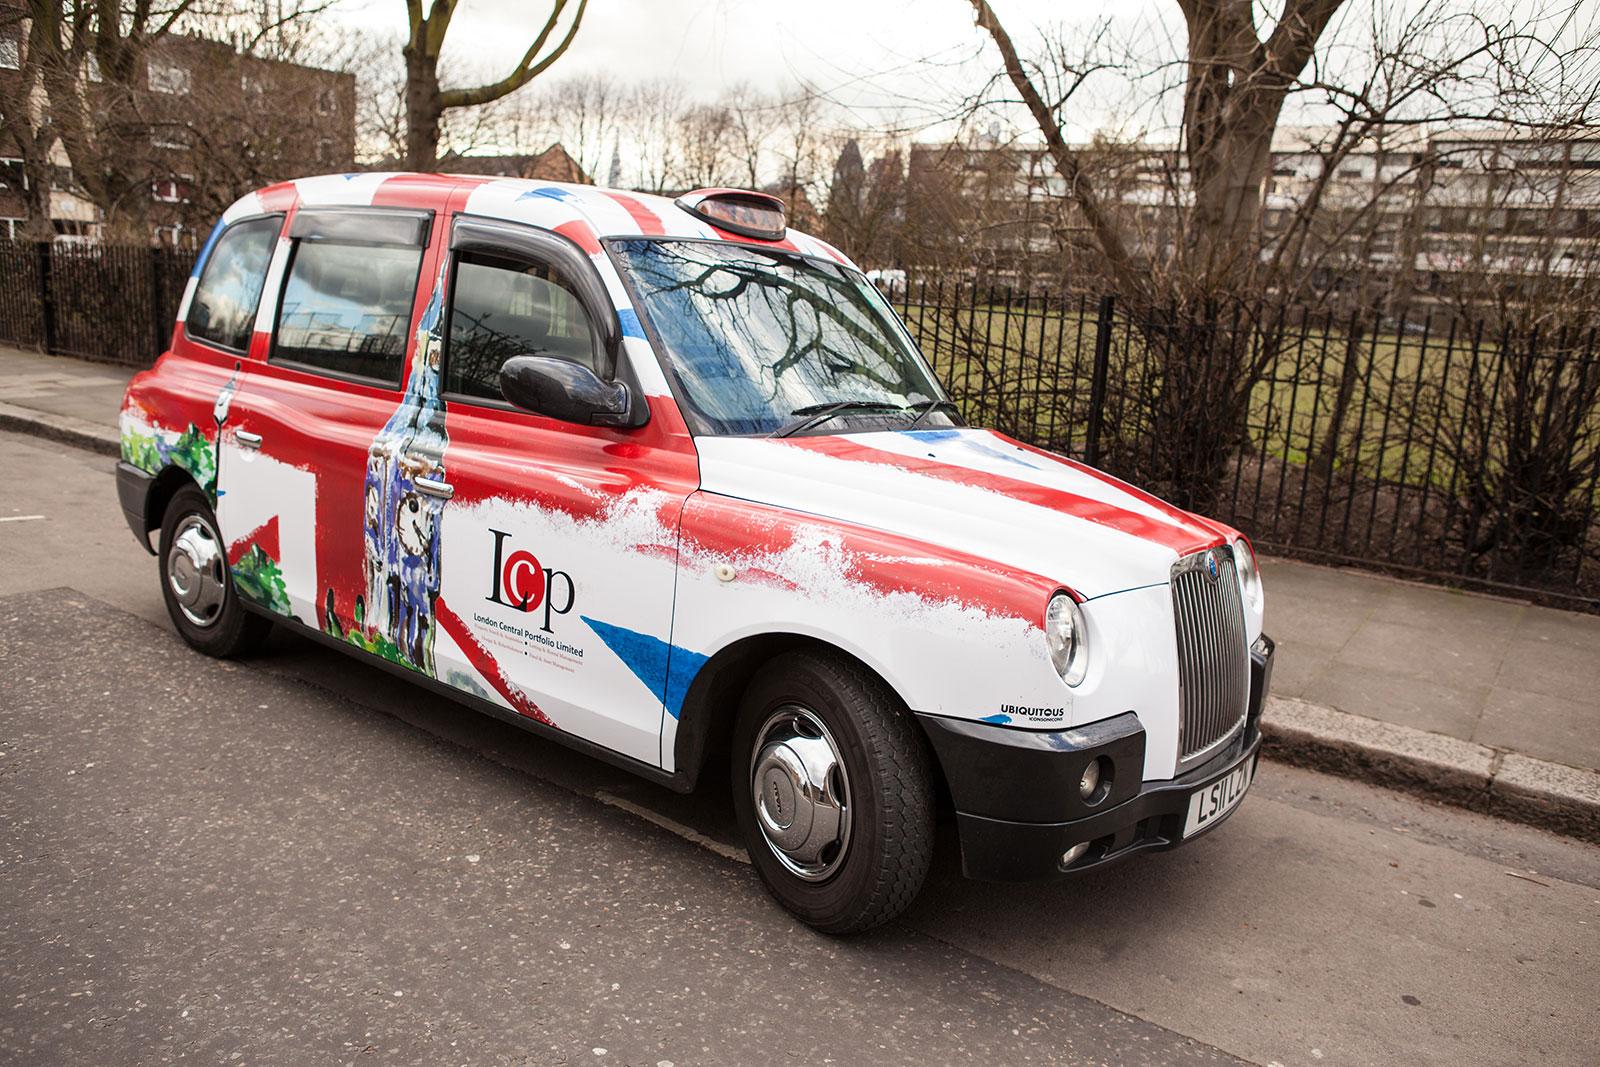 2013 Ubiquitous campaign for London Central Portfolio Ltd - Lcp